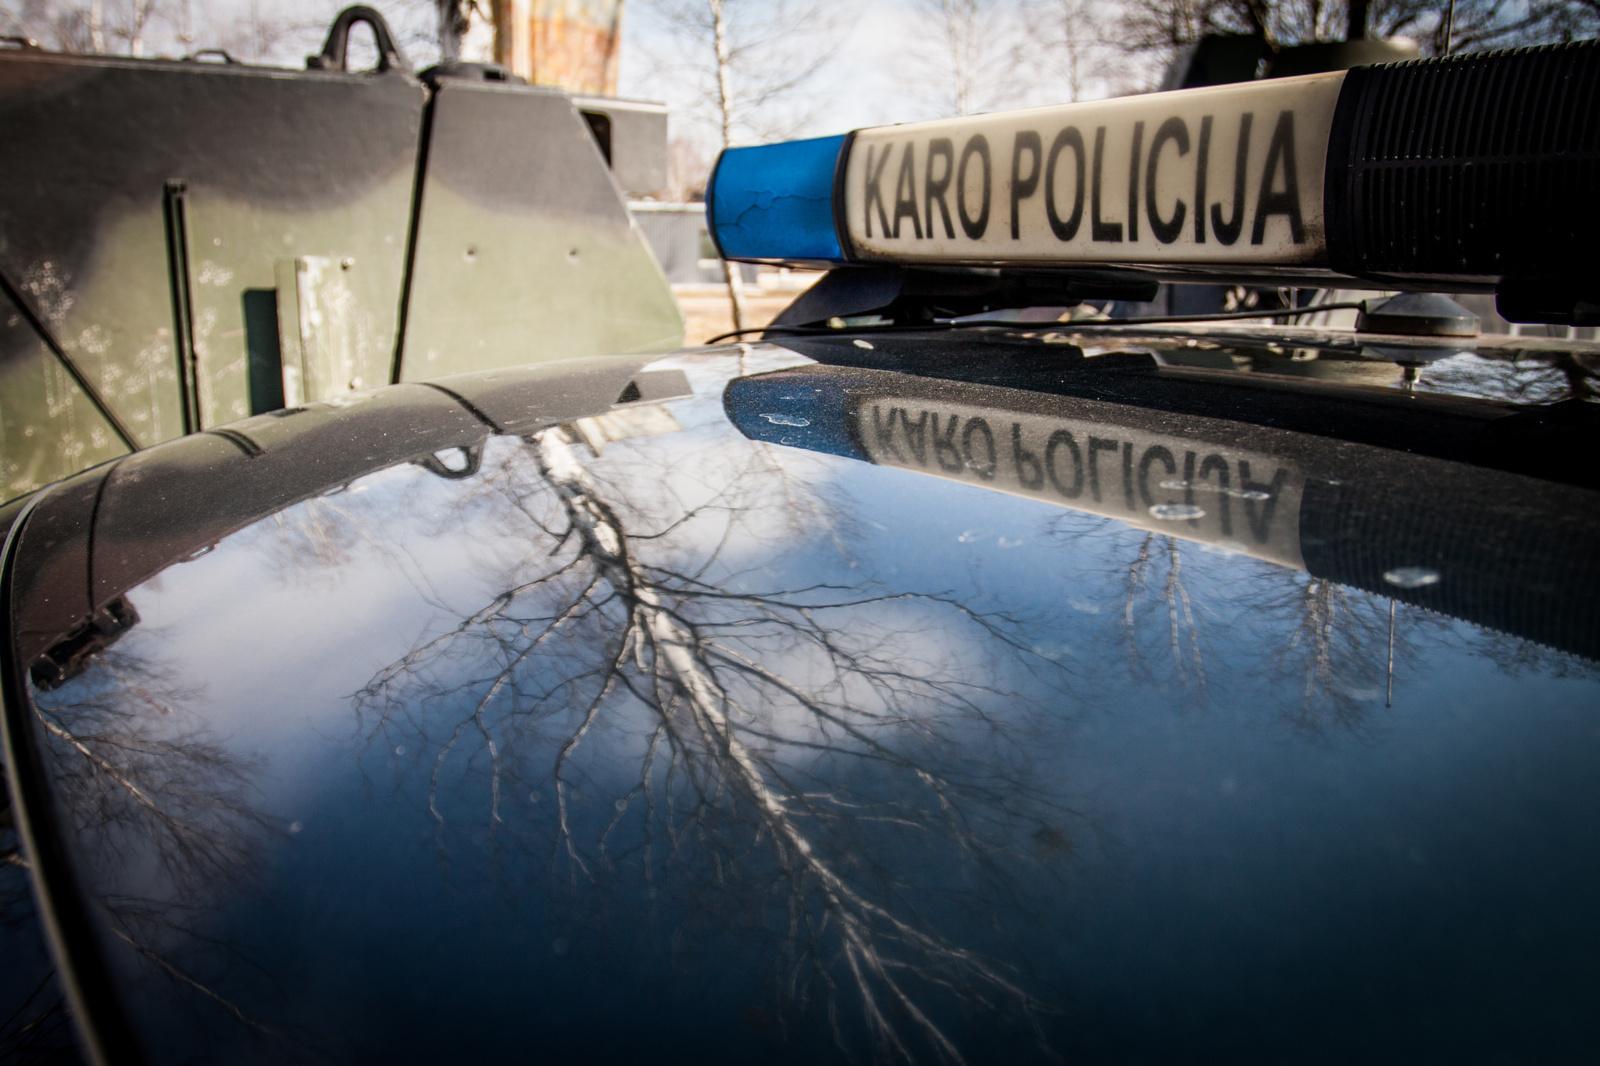 Karo policija atlieka ikiteisminį tyrimą dėl galimo materialinių vertybių trūkumo